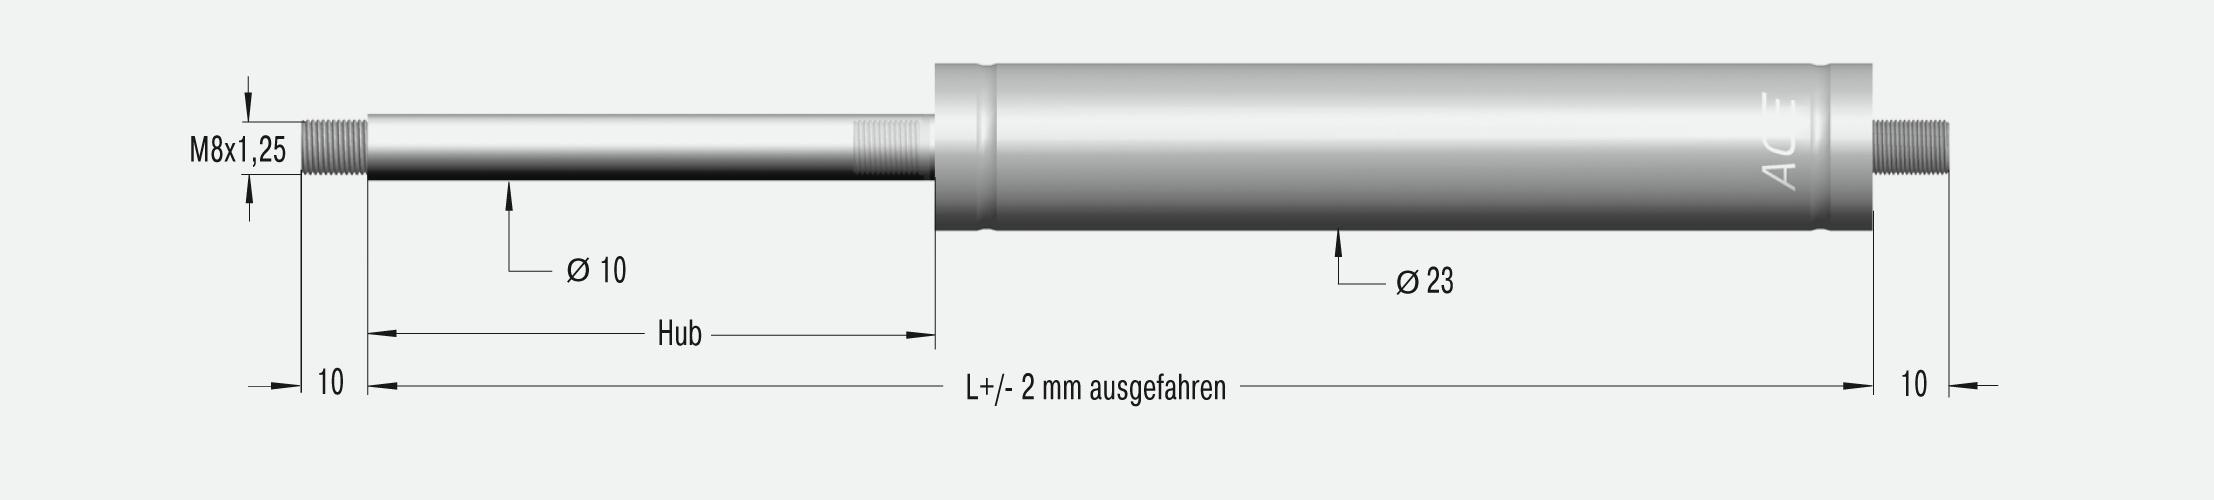 GS-22-200-VA